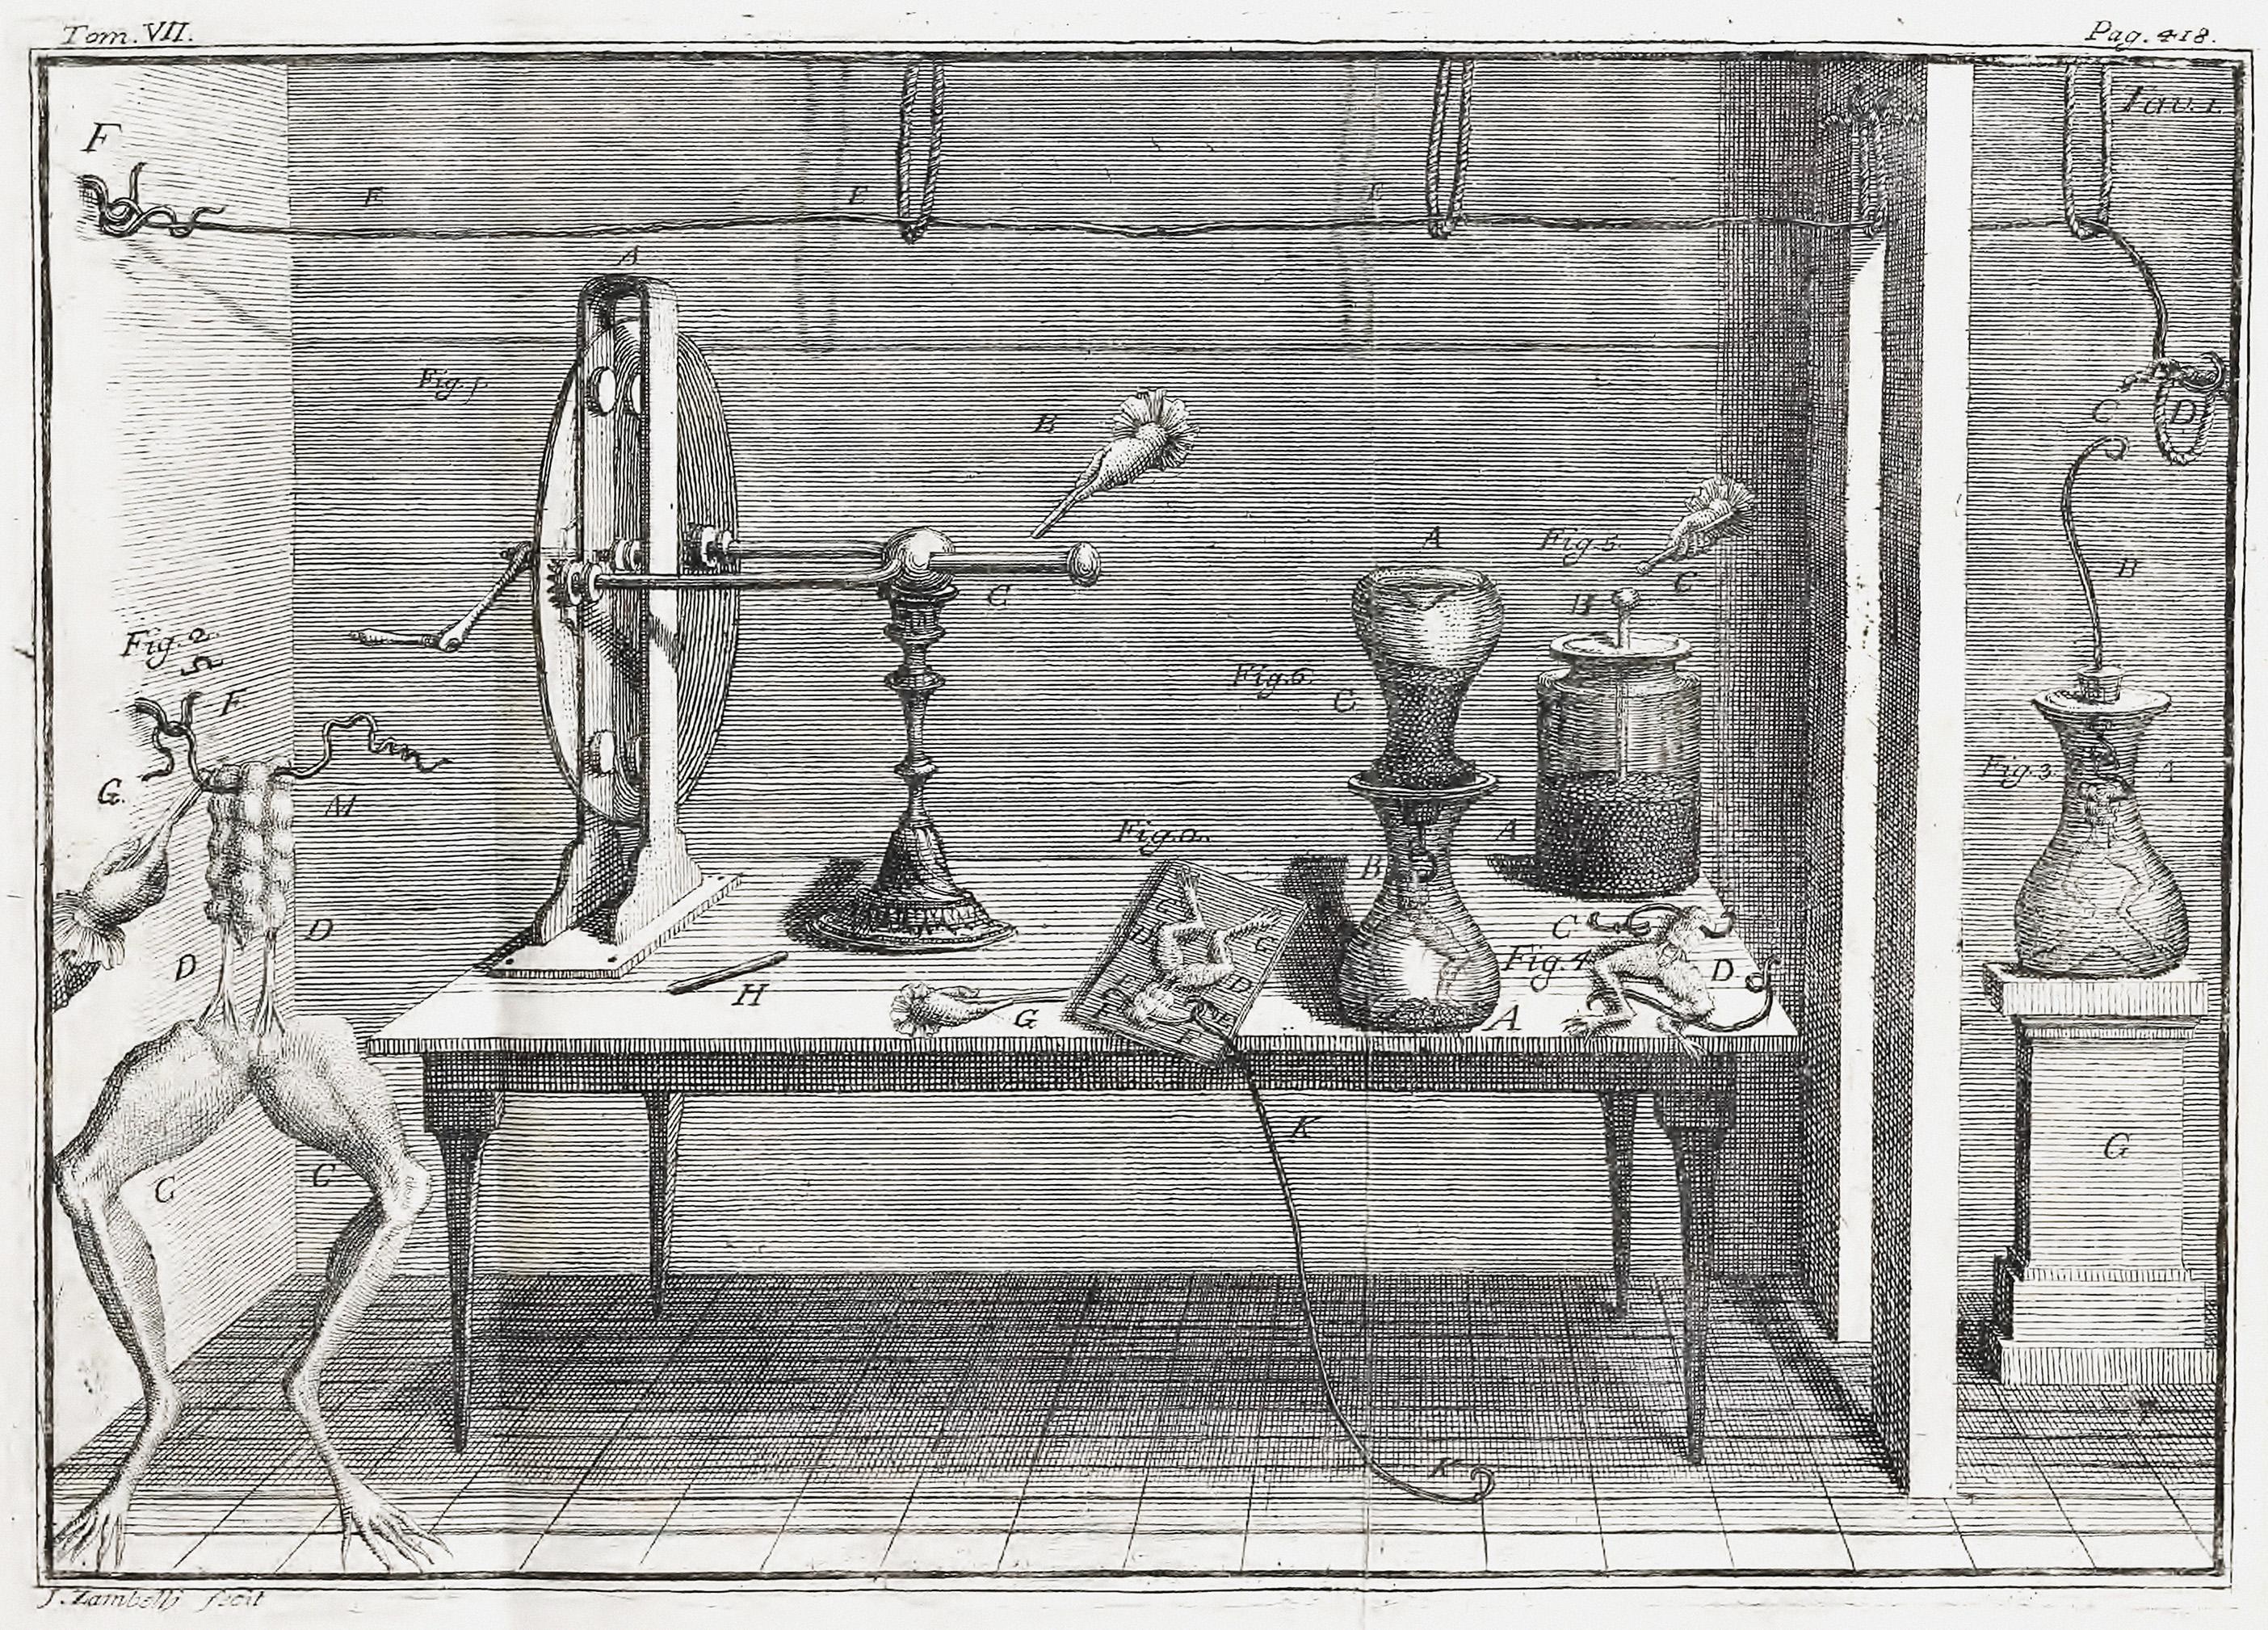 Image:Luigi Galvani Experiment.jpeg